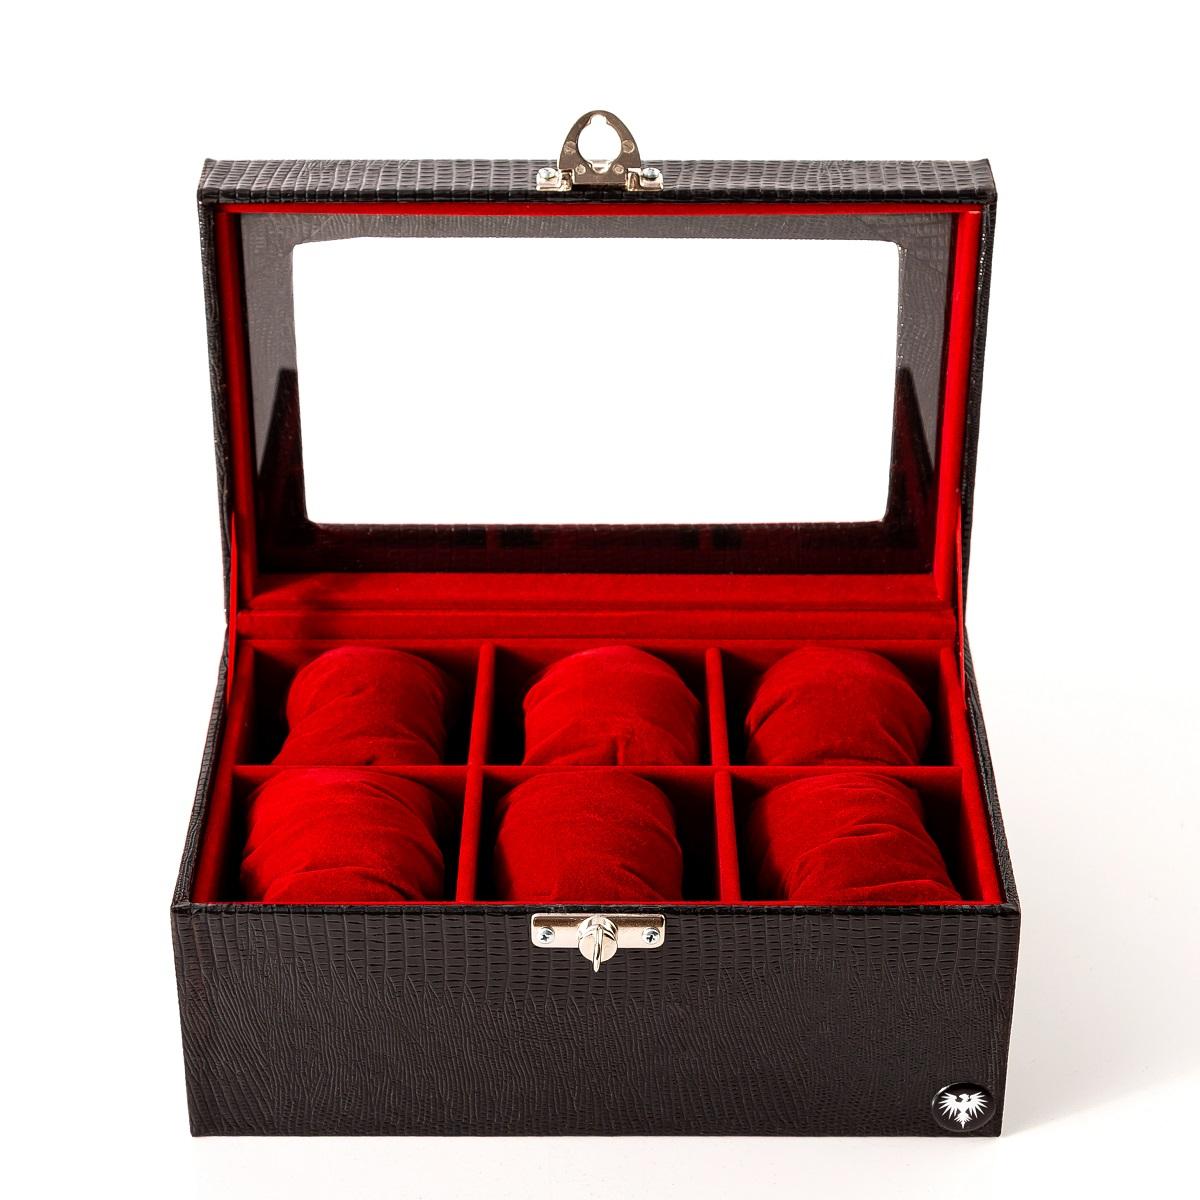 estojo-porta-relogio-6-nichos-maiores-couro-ecologico-preto-vermelho-imagem-4.jpg